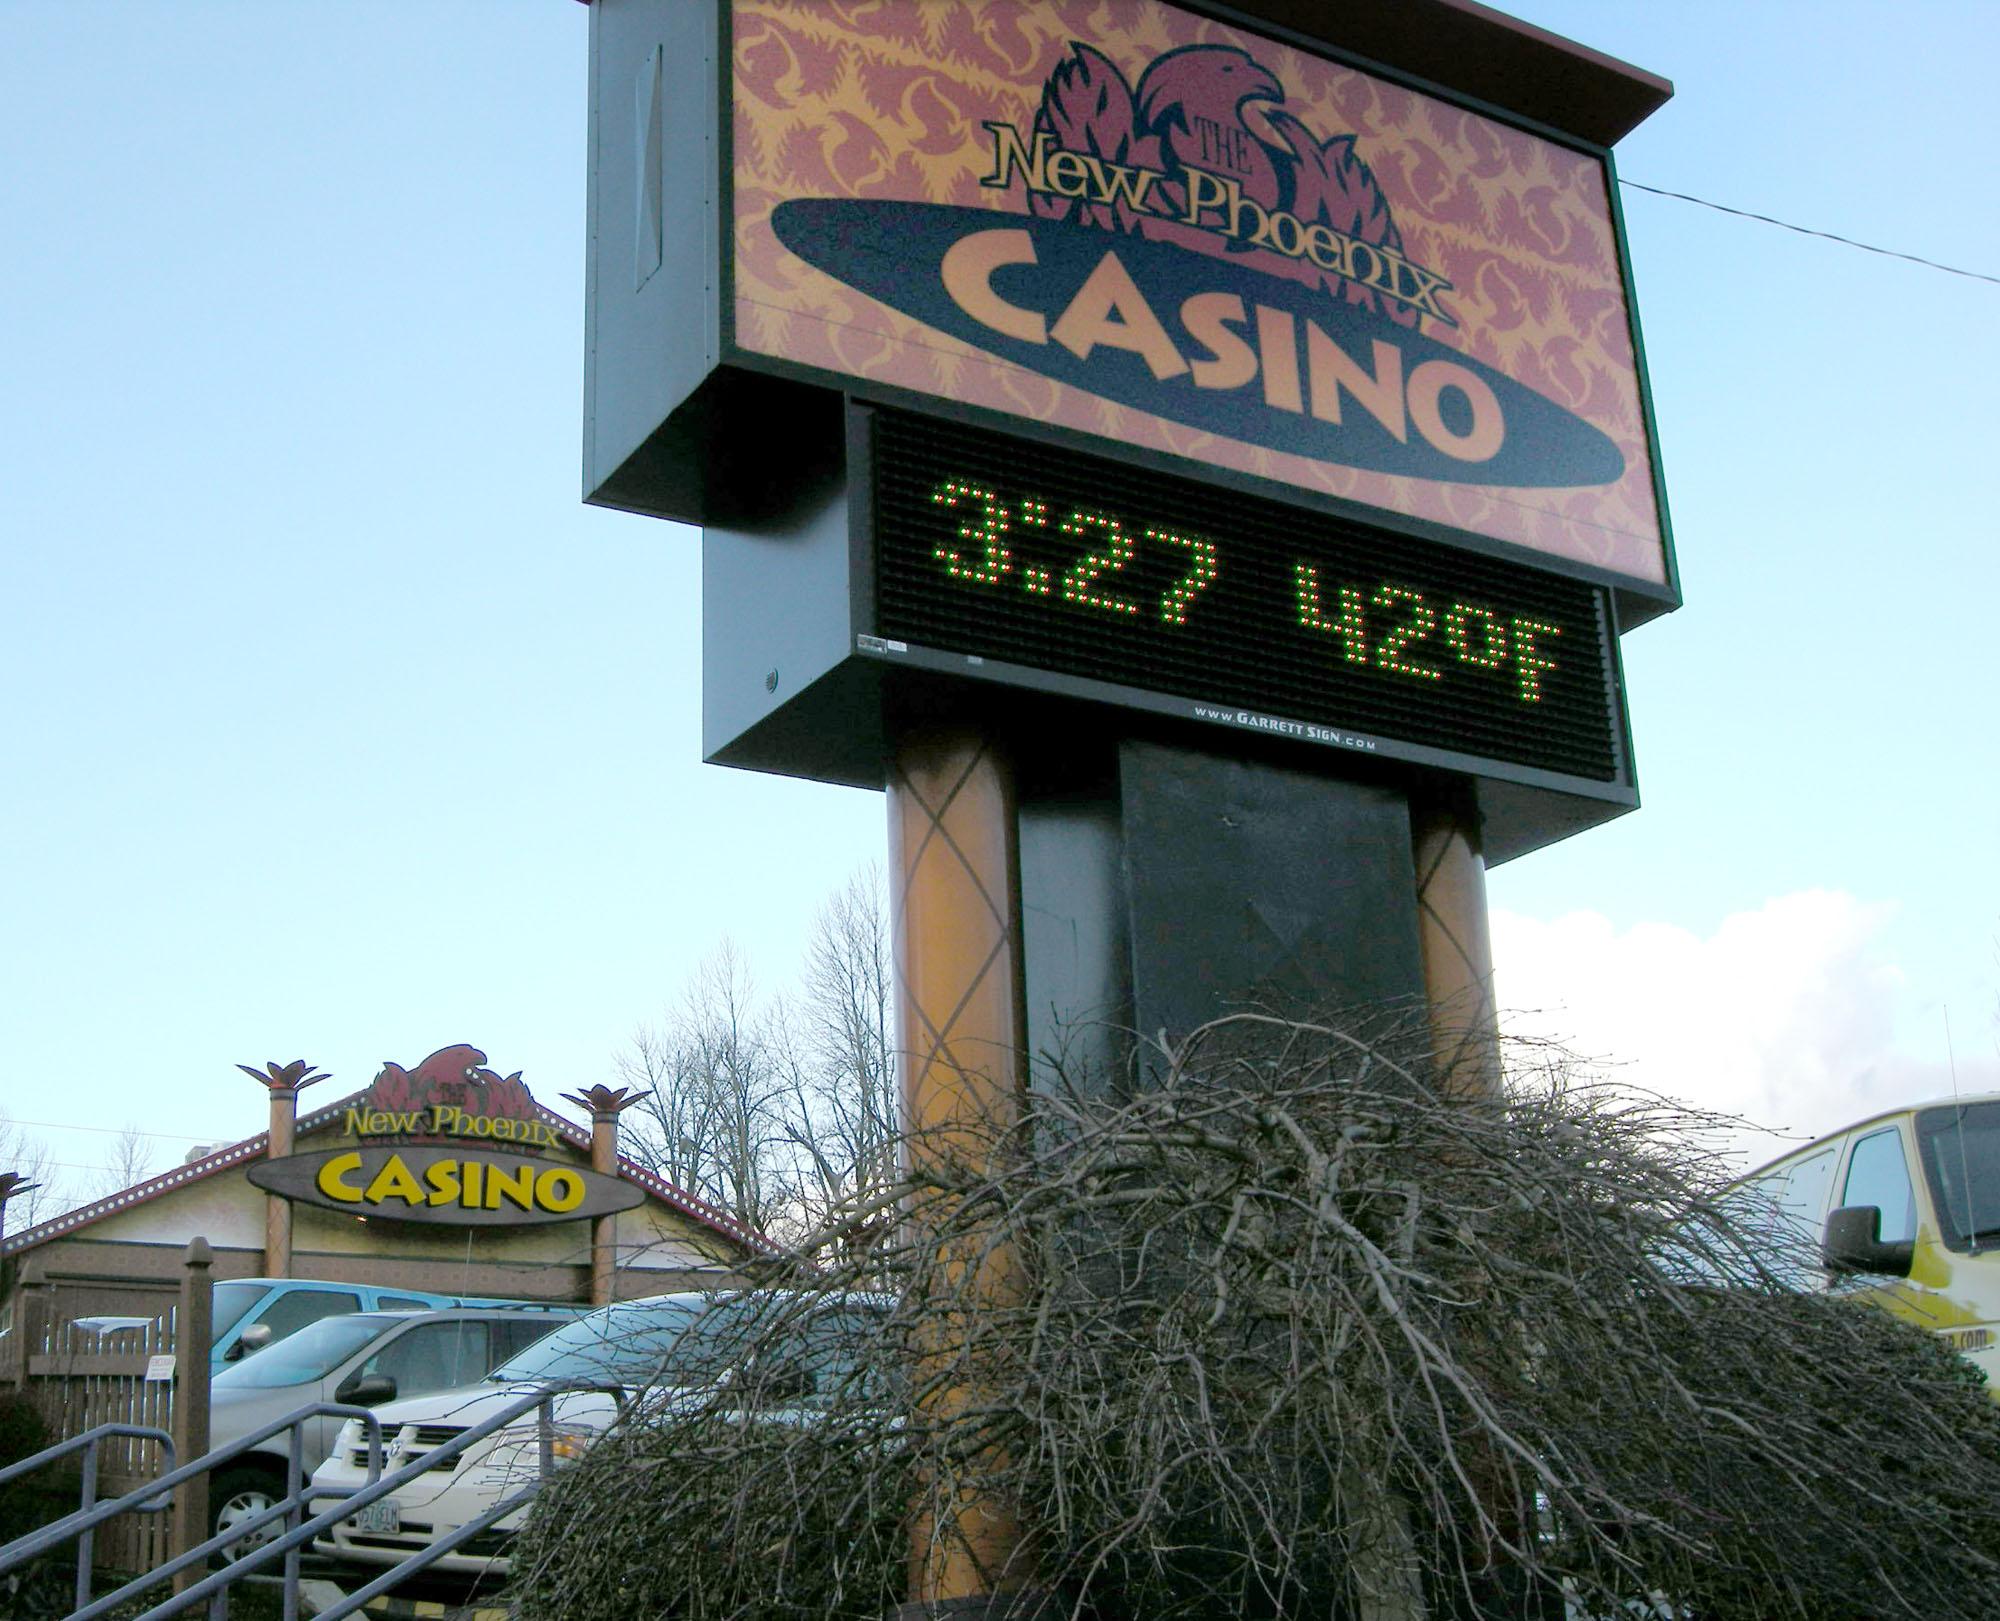 New frontier casino la center aliante stations casino